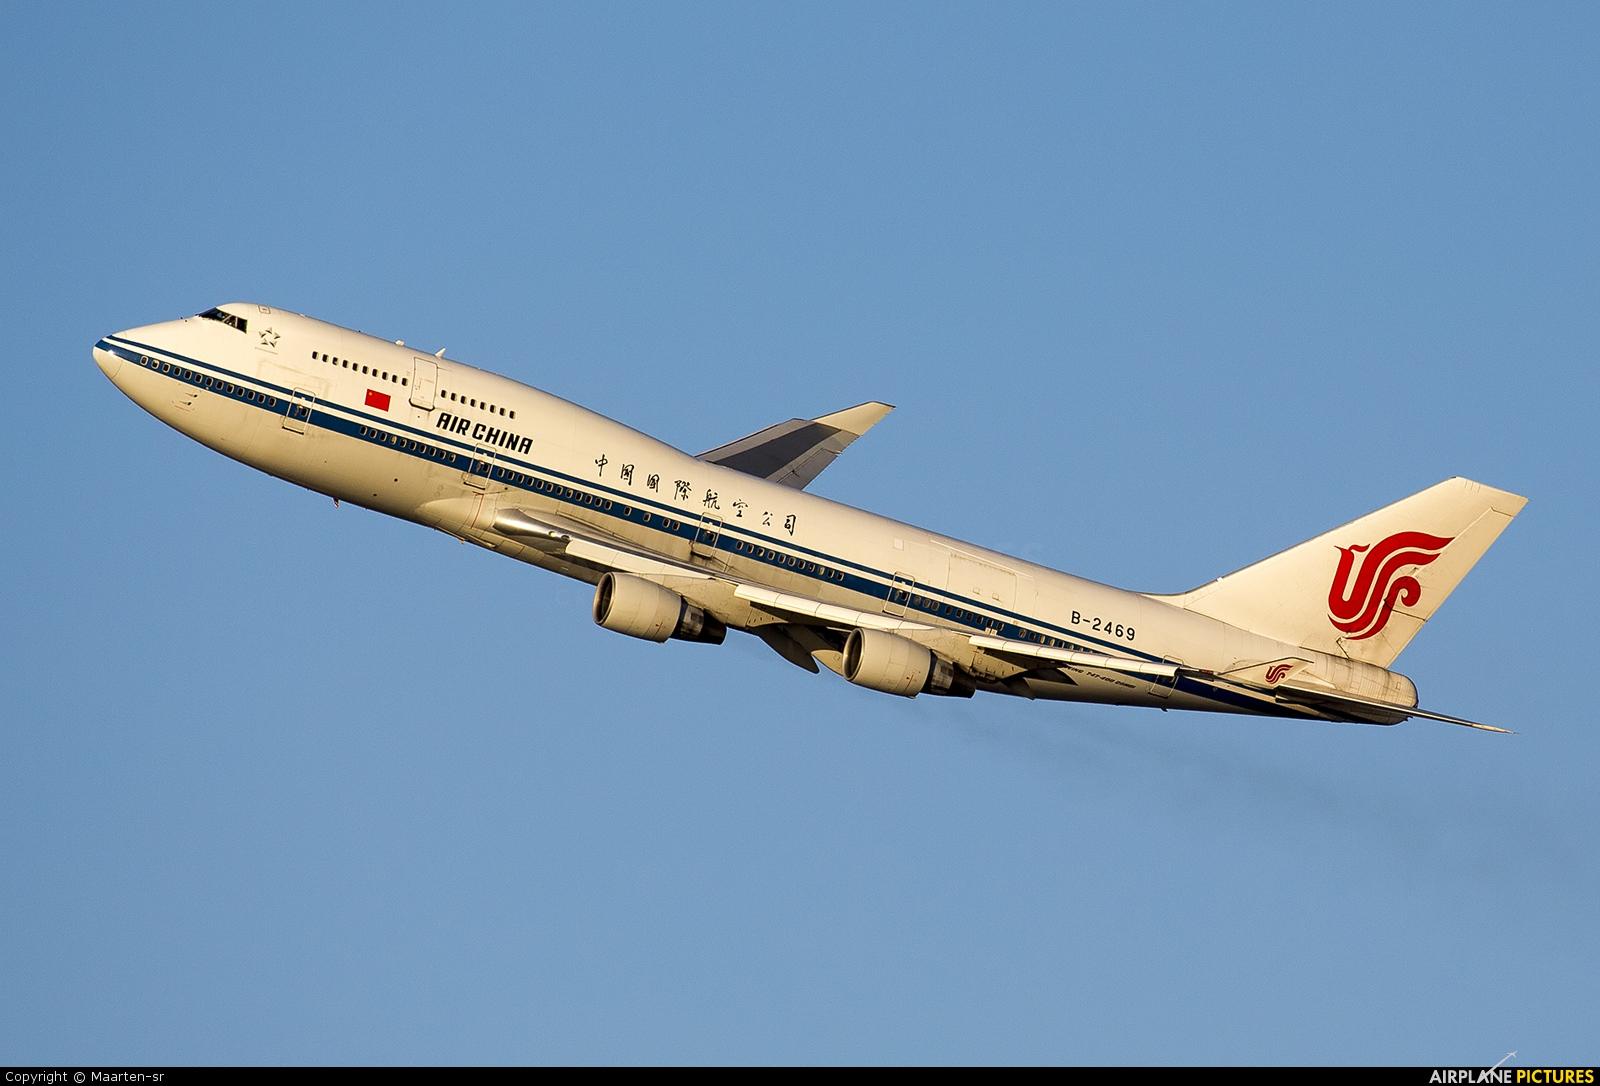 Air China B-2469 aircraft at New York - John F. Kennedy Intl